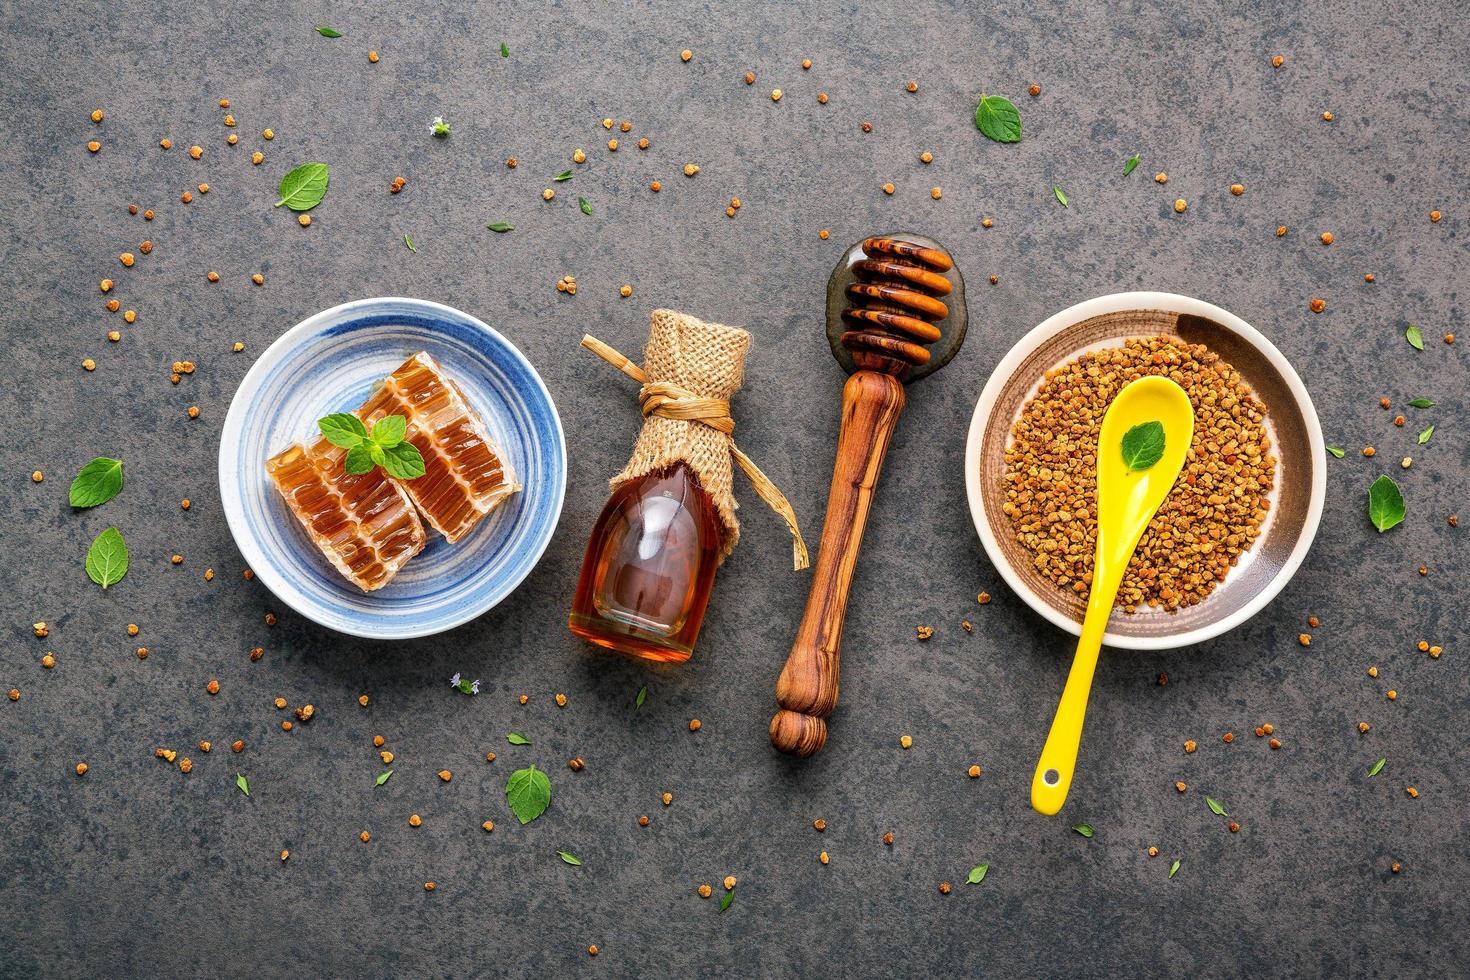 miel biologique cru photo